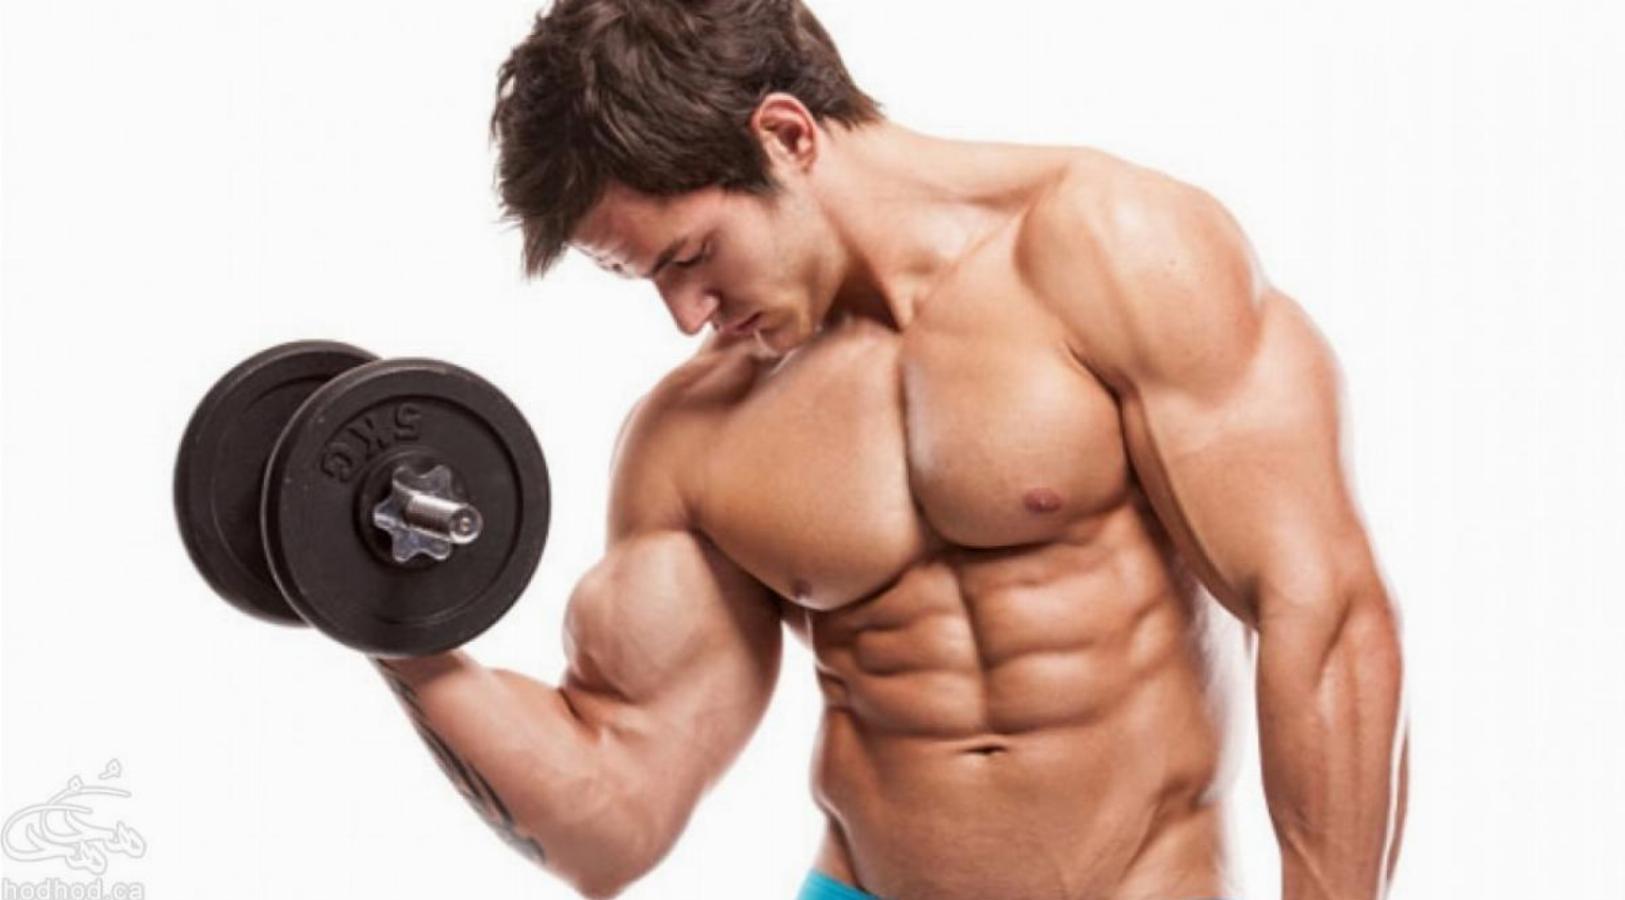 آموزش بدن سازی و تناسب اندام: آشنایی با حرکات جلو بازو